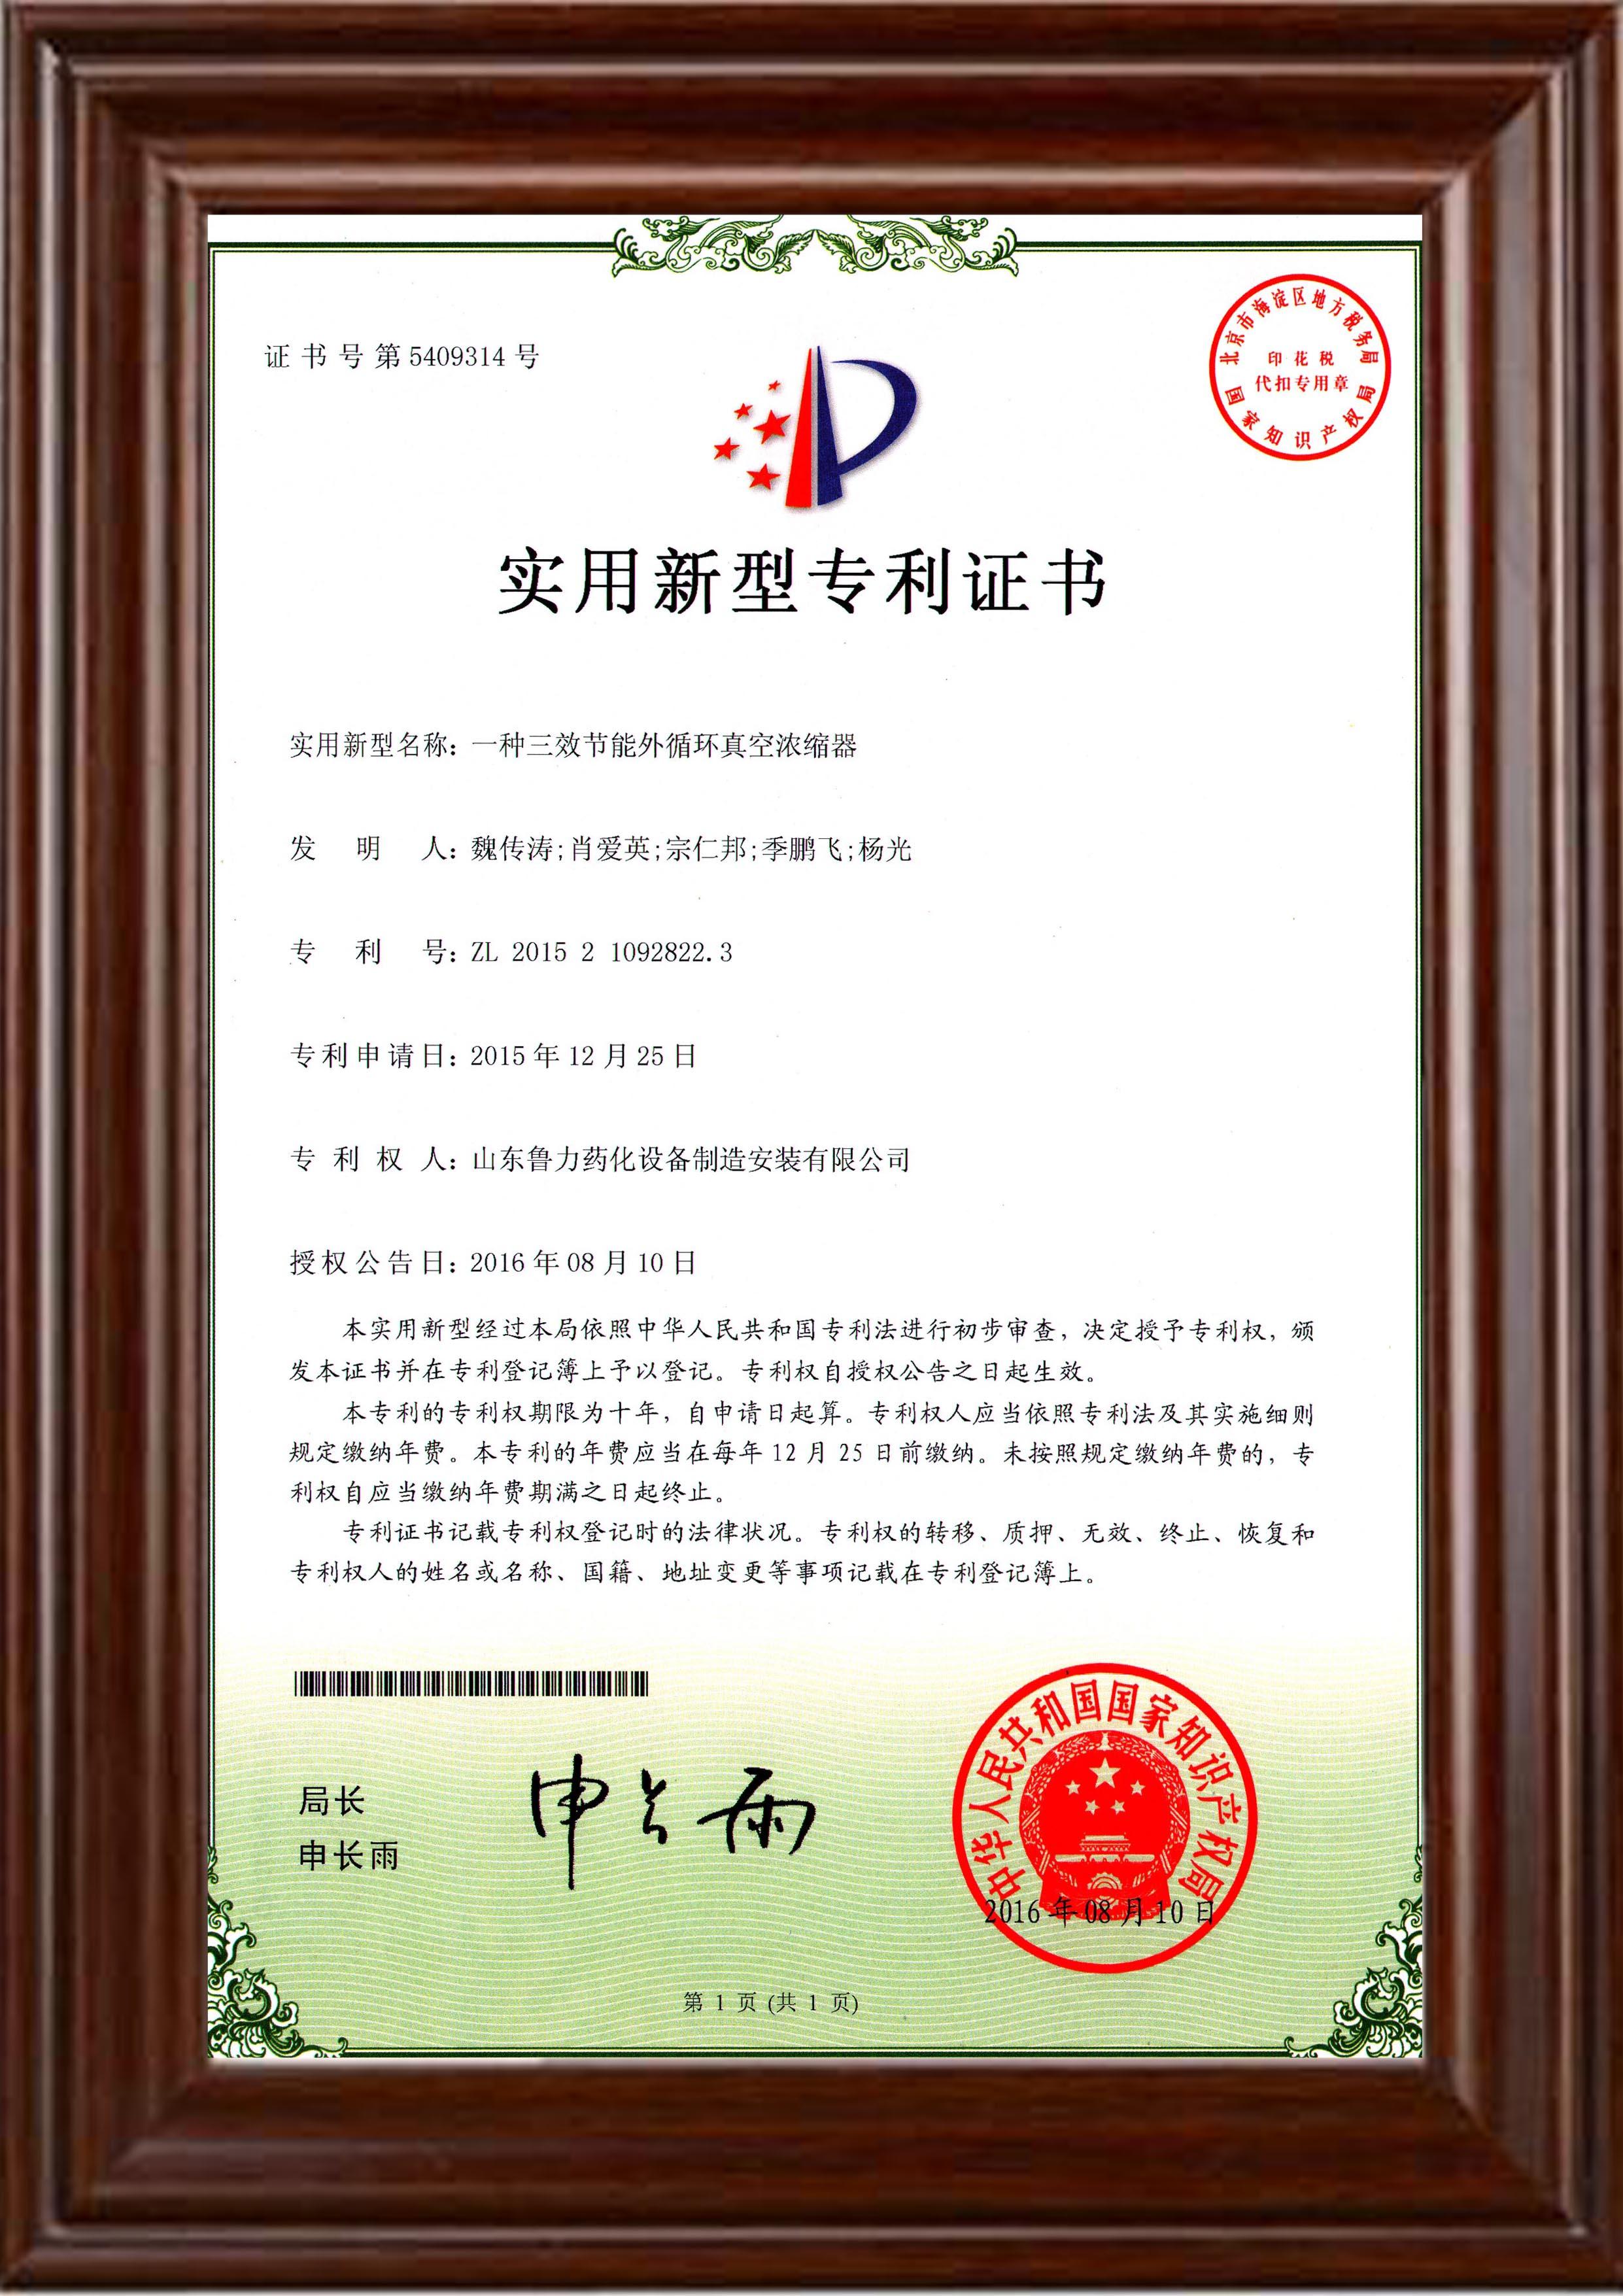 三效节能外循环真空浓缩器专利认证